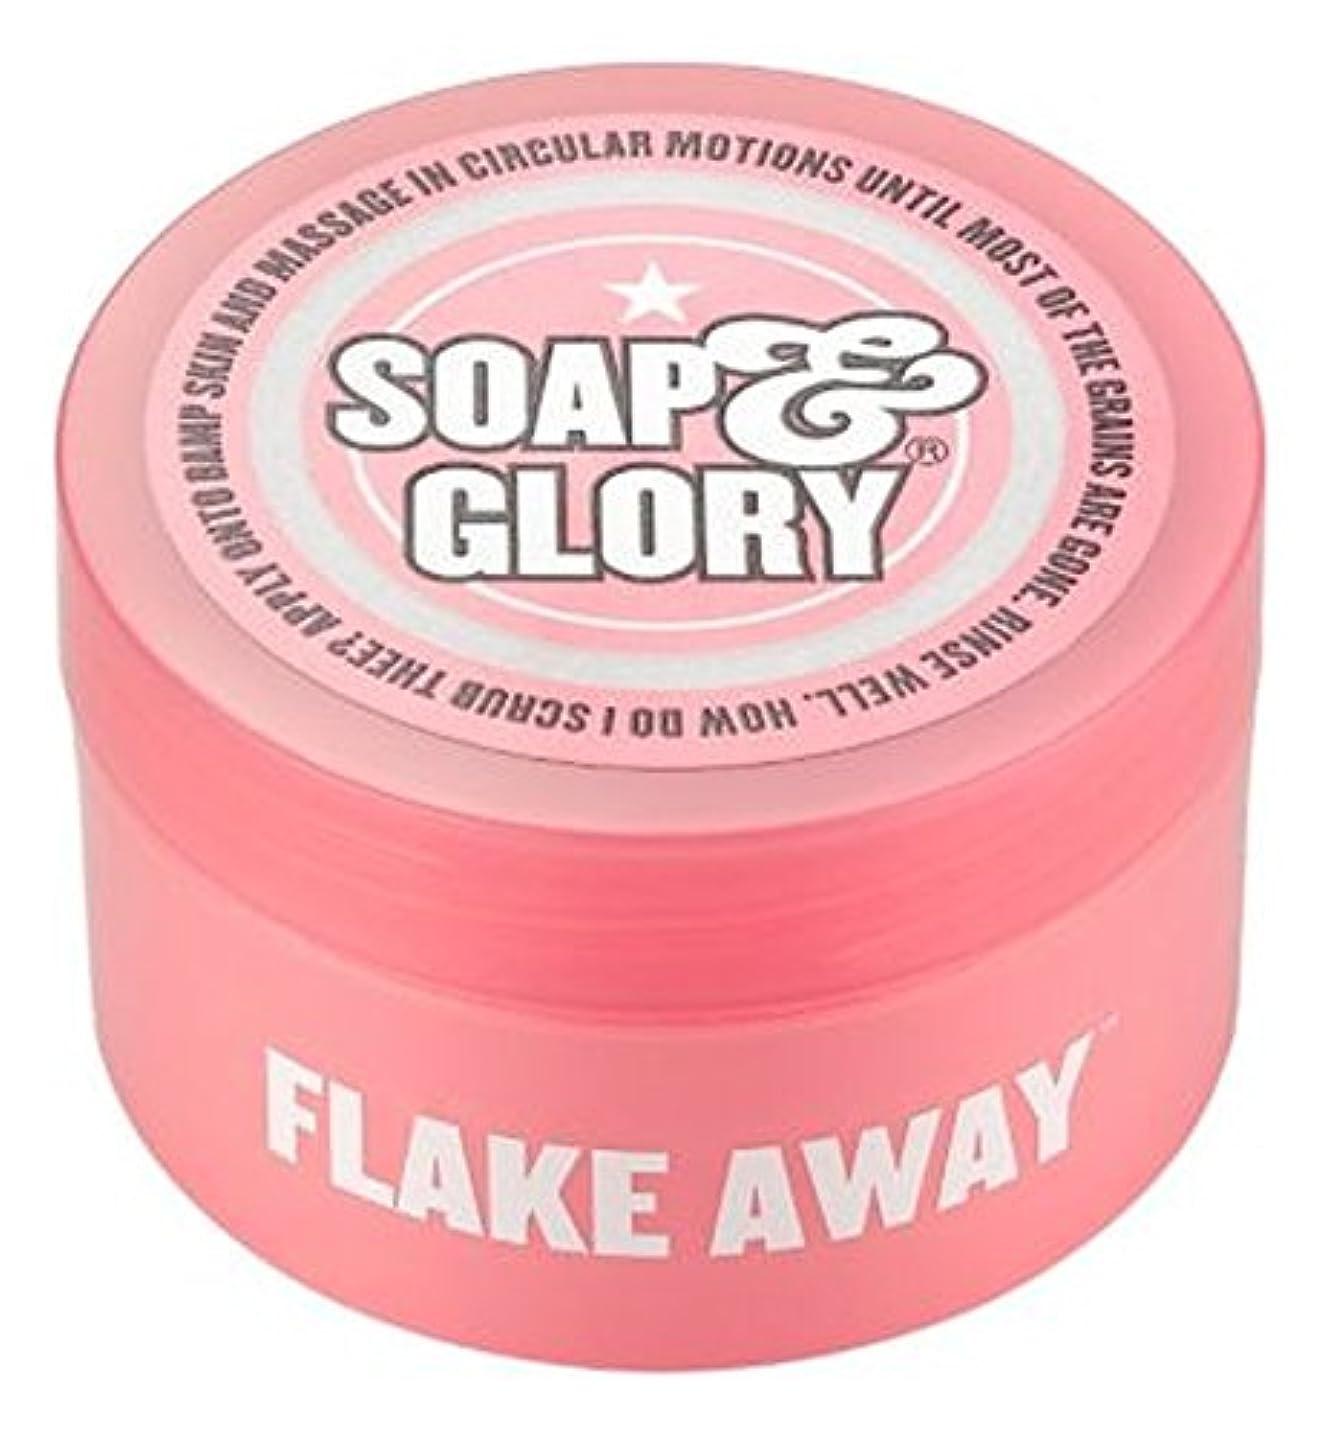 ギネス火傷約石鹸&栄光トラベルサイズのフレーク離れ?ボディスクラブ50ミリリットル (Soap & Glory) (x2) - Soap & Glory Travel Size Flake Away? Body Scrub 50ml (Pack of 2) [並行輸入品]